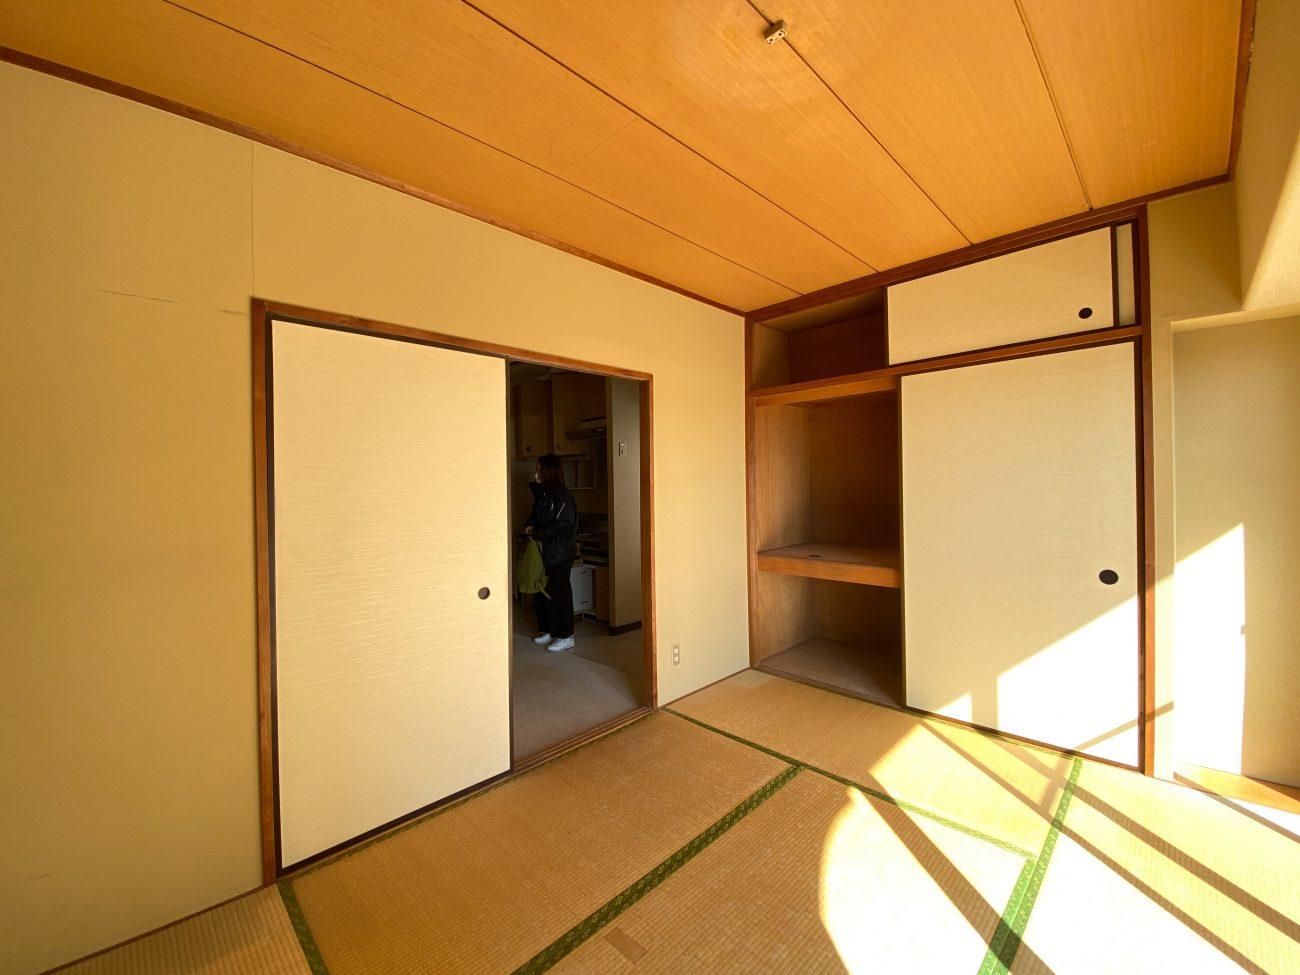 三鷹 築42年 RC 48m2 1LDKヴィンテージマンションをフルリノベで13.2万円に賃料アップ 工事中に満室の画像